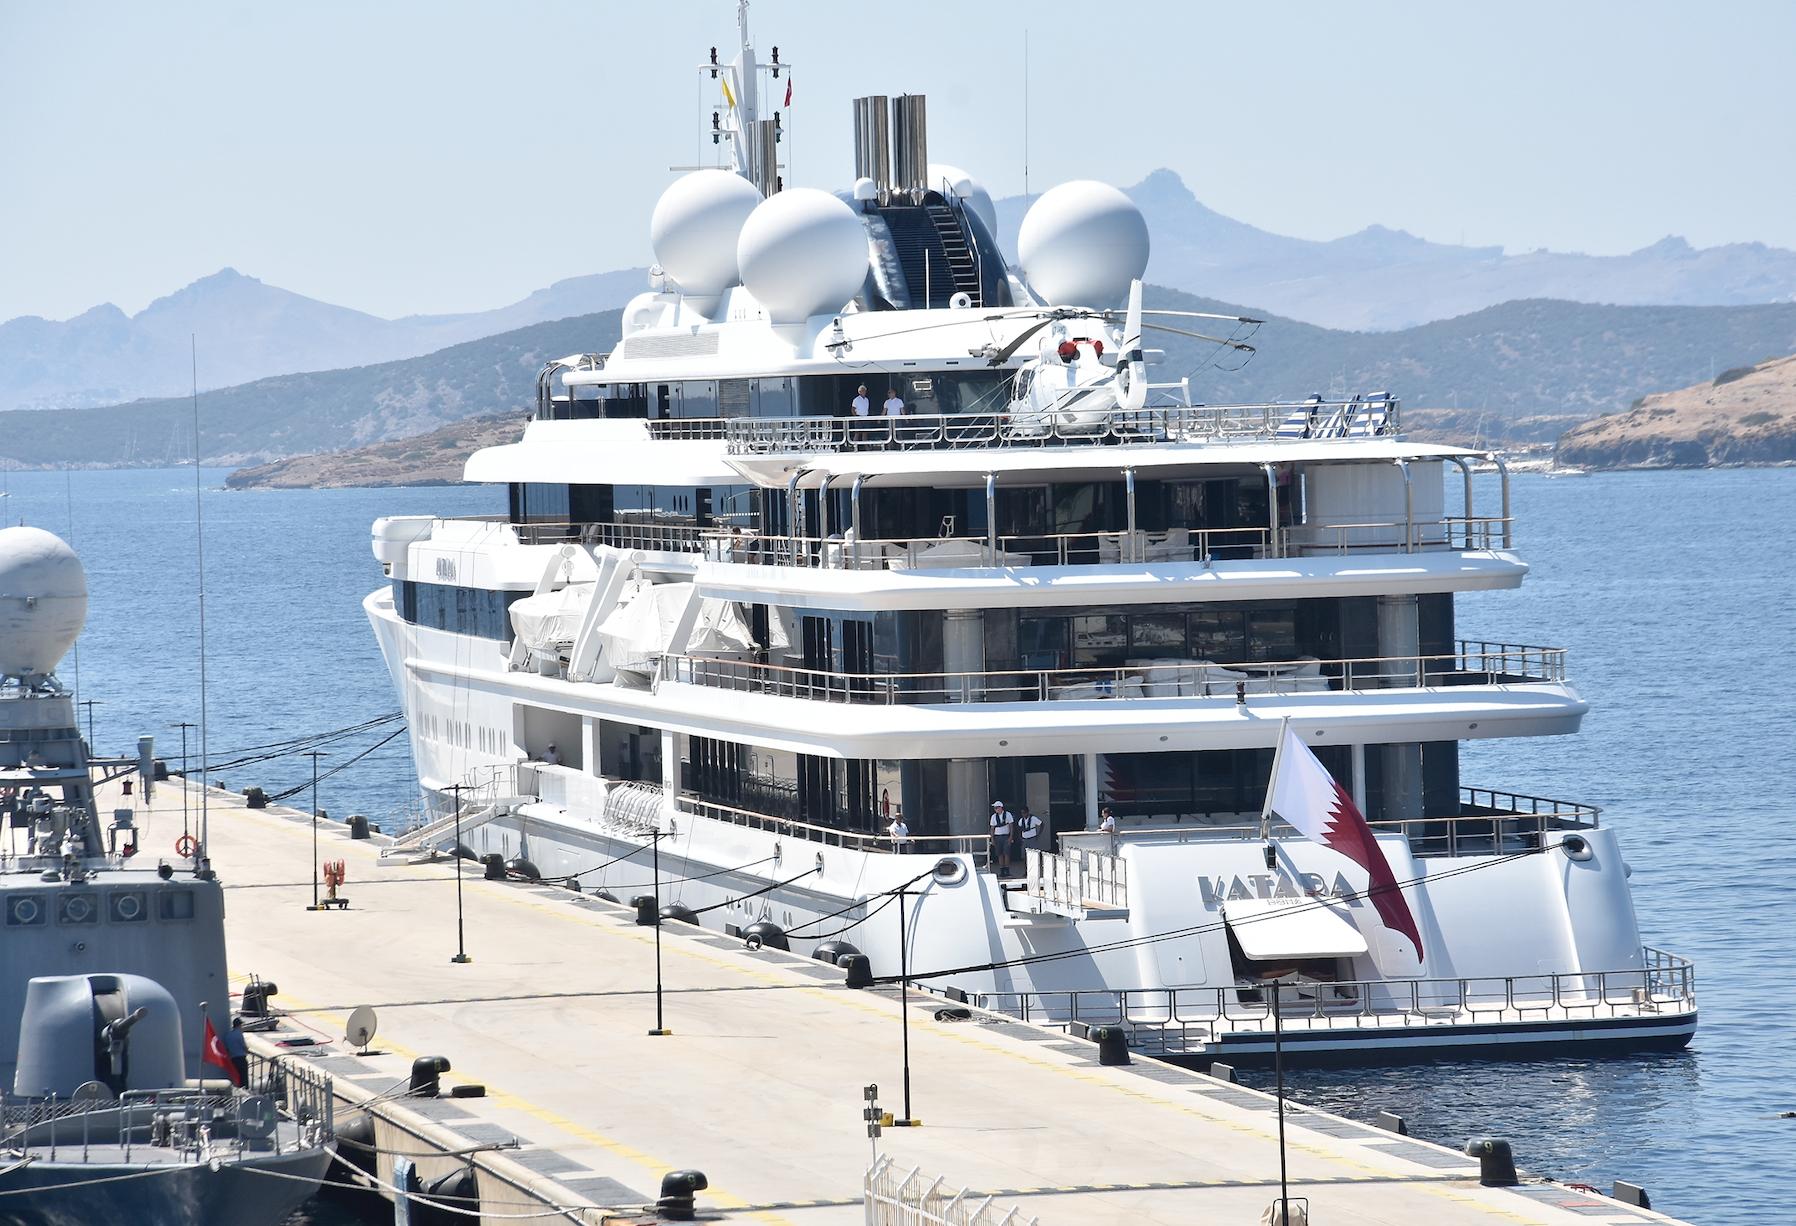 Katar Kraliyet Ailesi Bodrum'da: 2 Kamyon, 500 Valiz ve 180 Personel